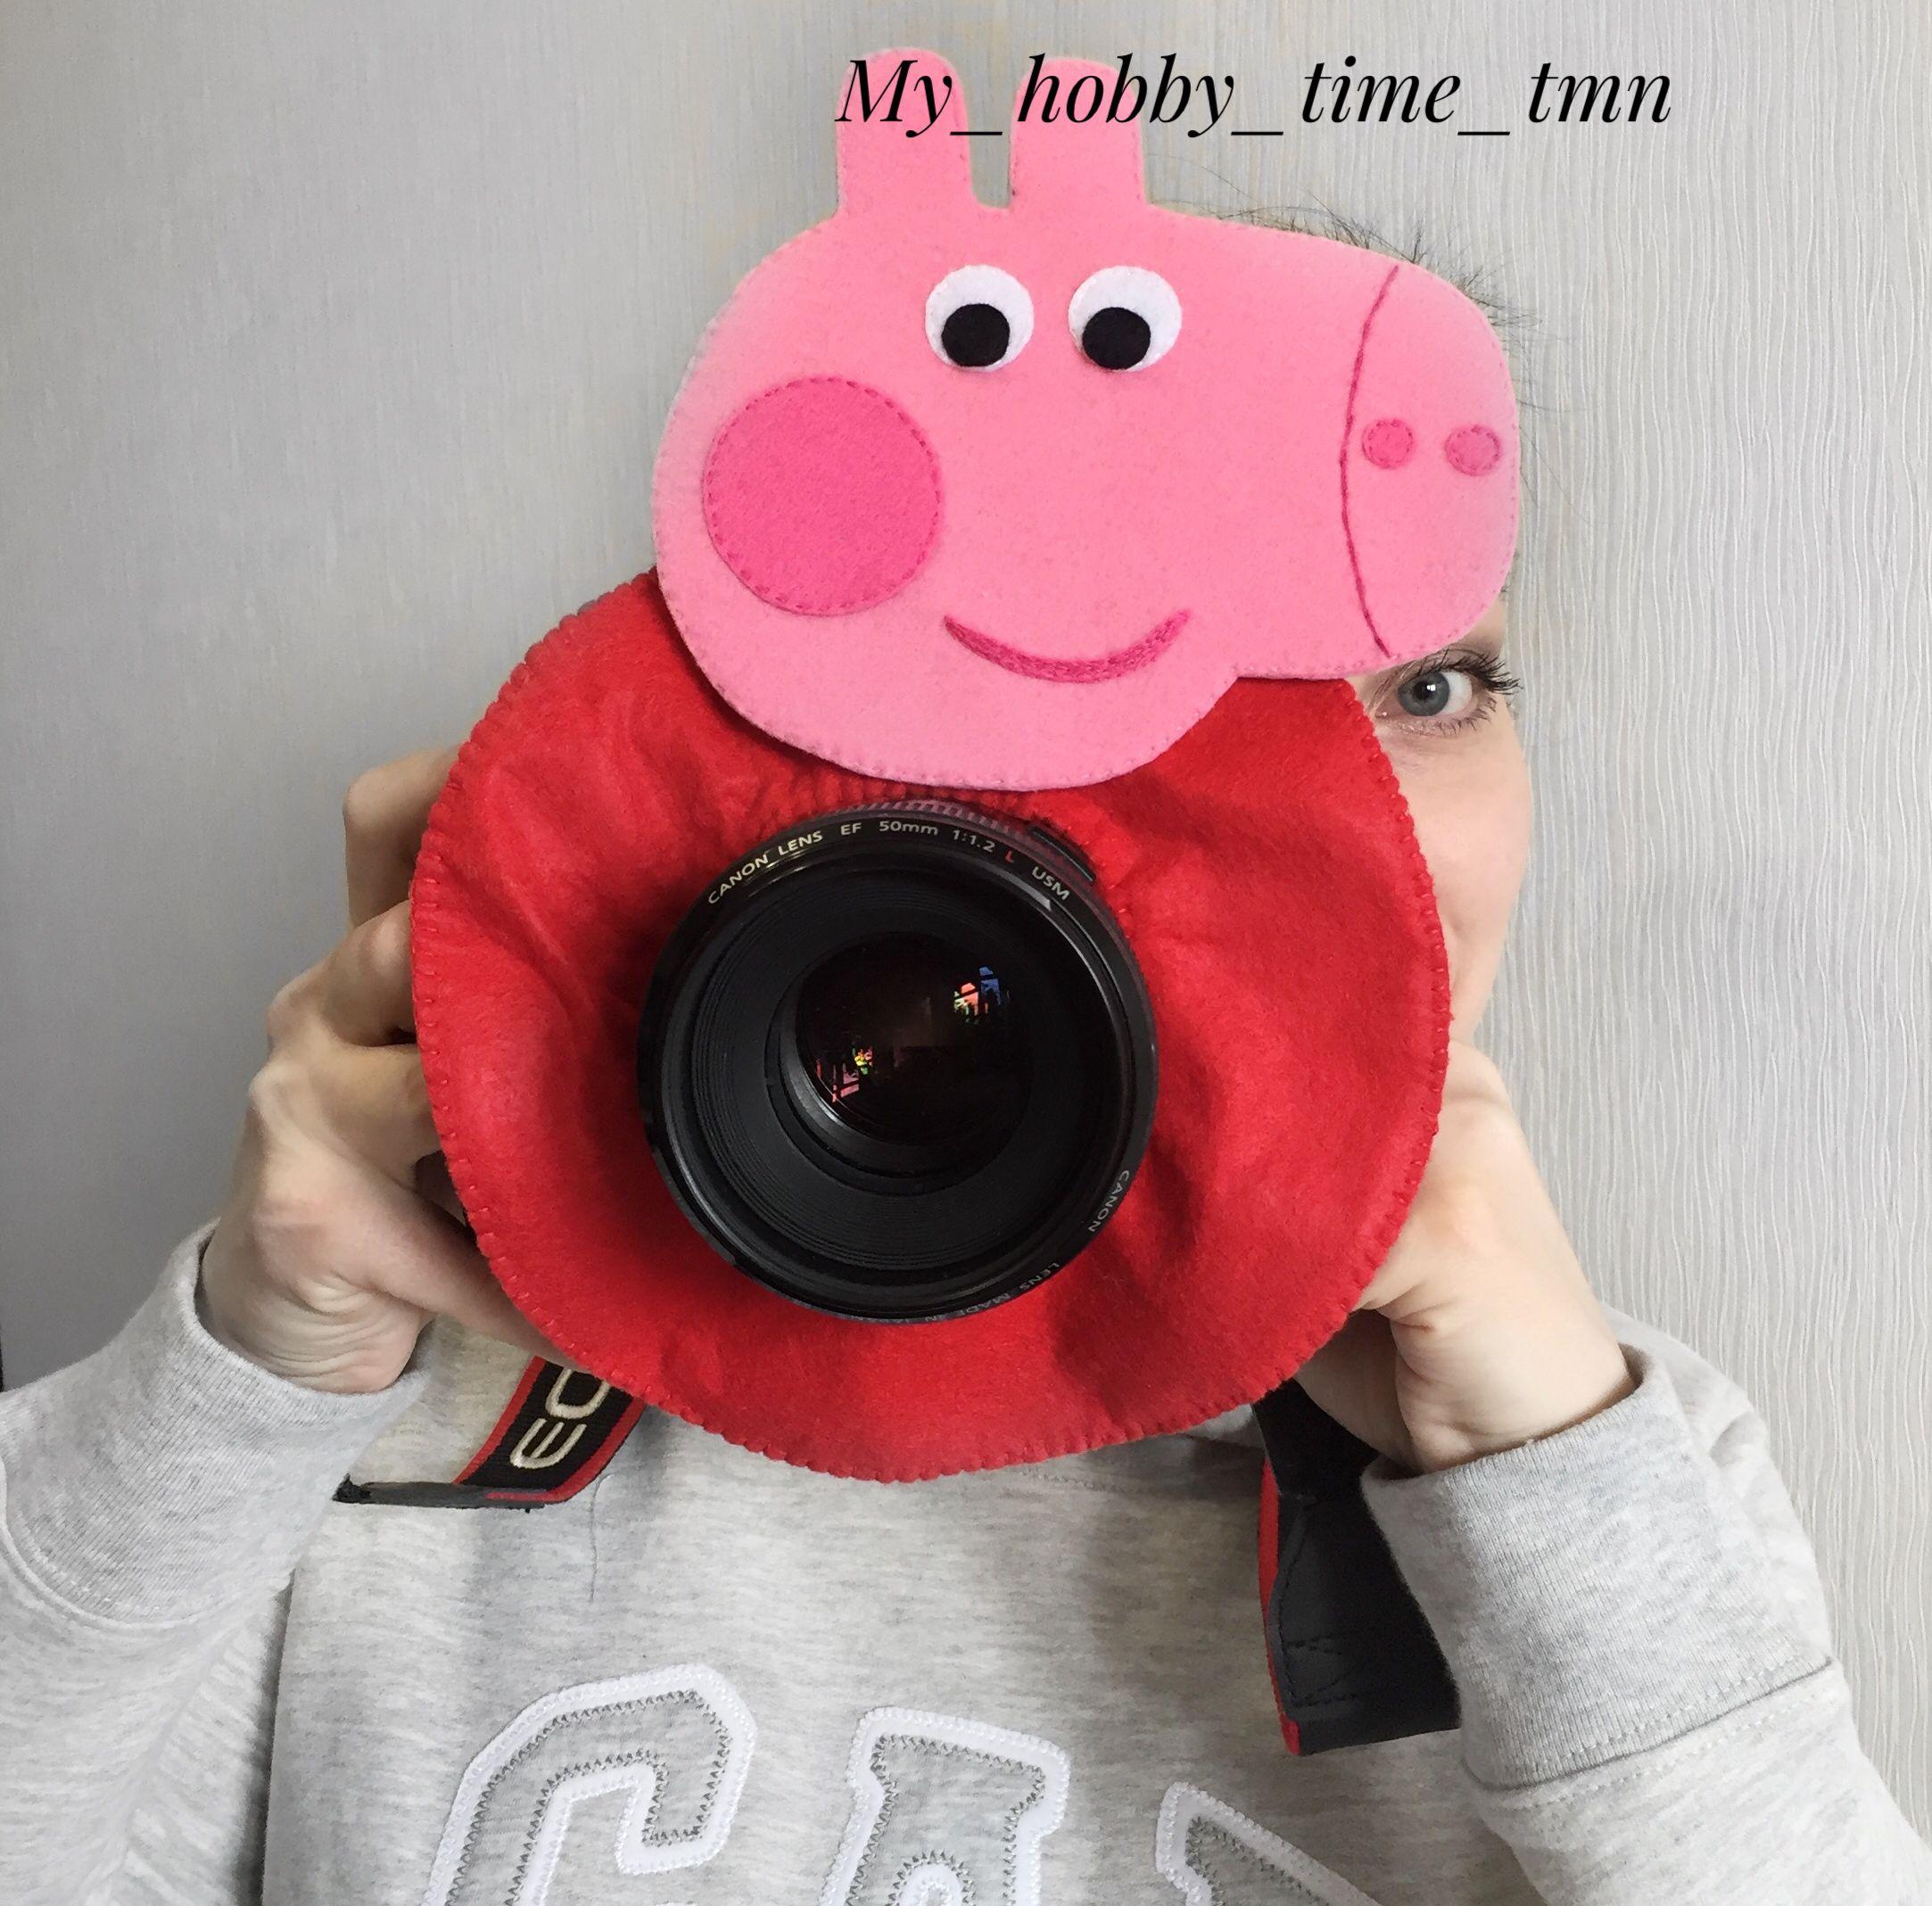 поскольку знак как сшить игрушку на объектив фотоаппарата выбрала